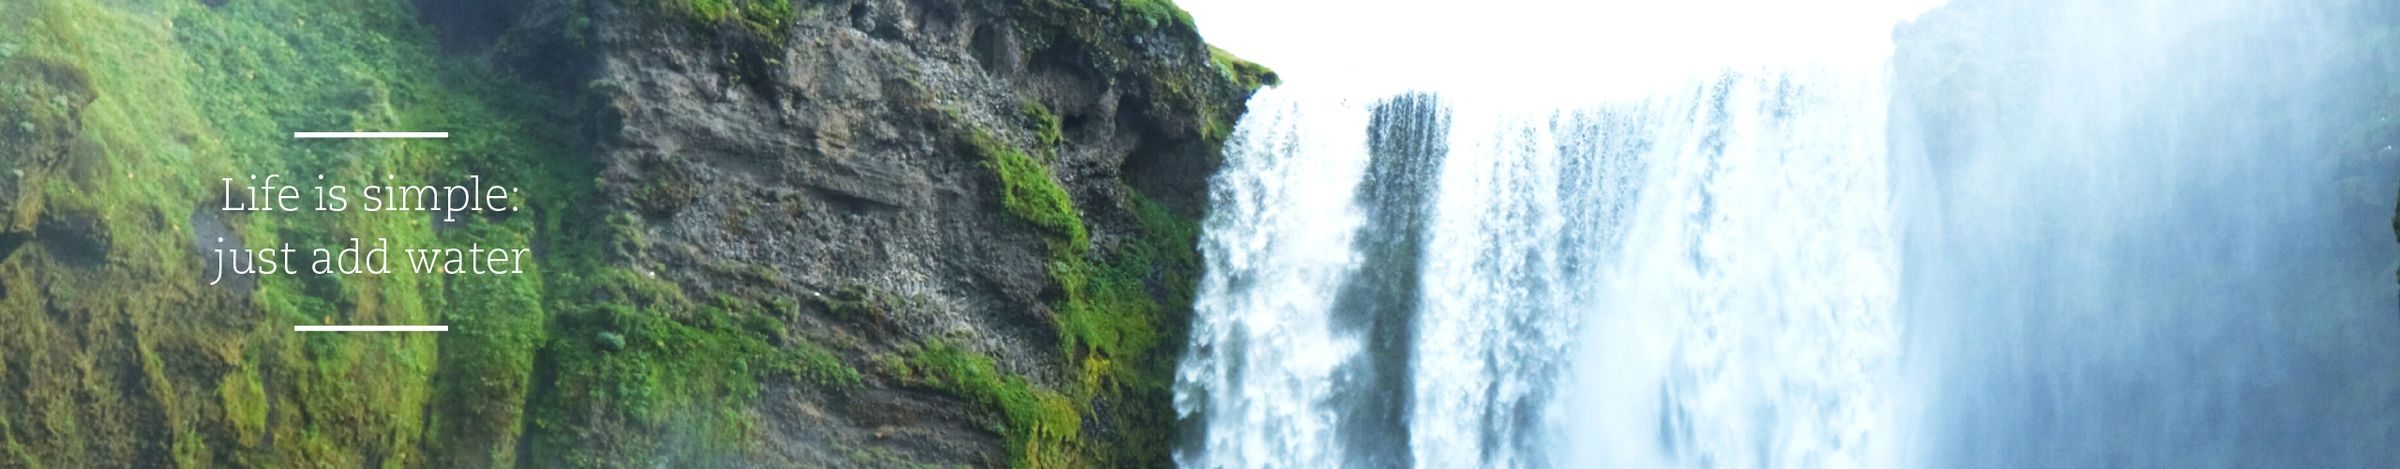 Waterverbruik verminderen - Sfeerbanner-water